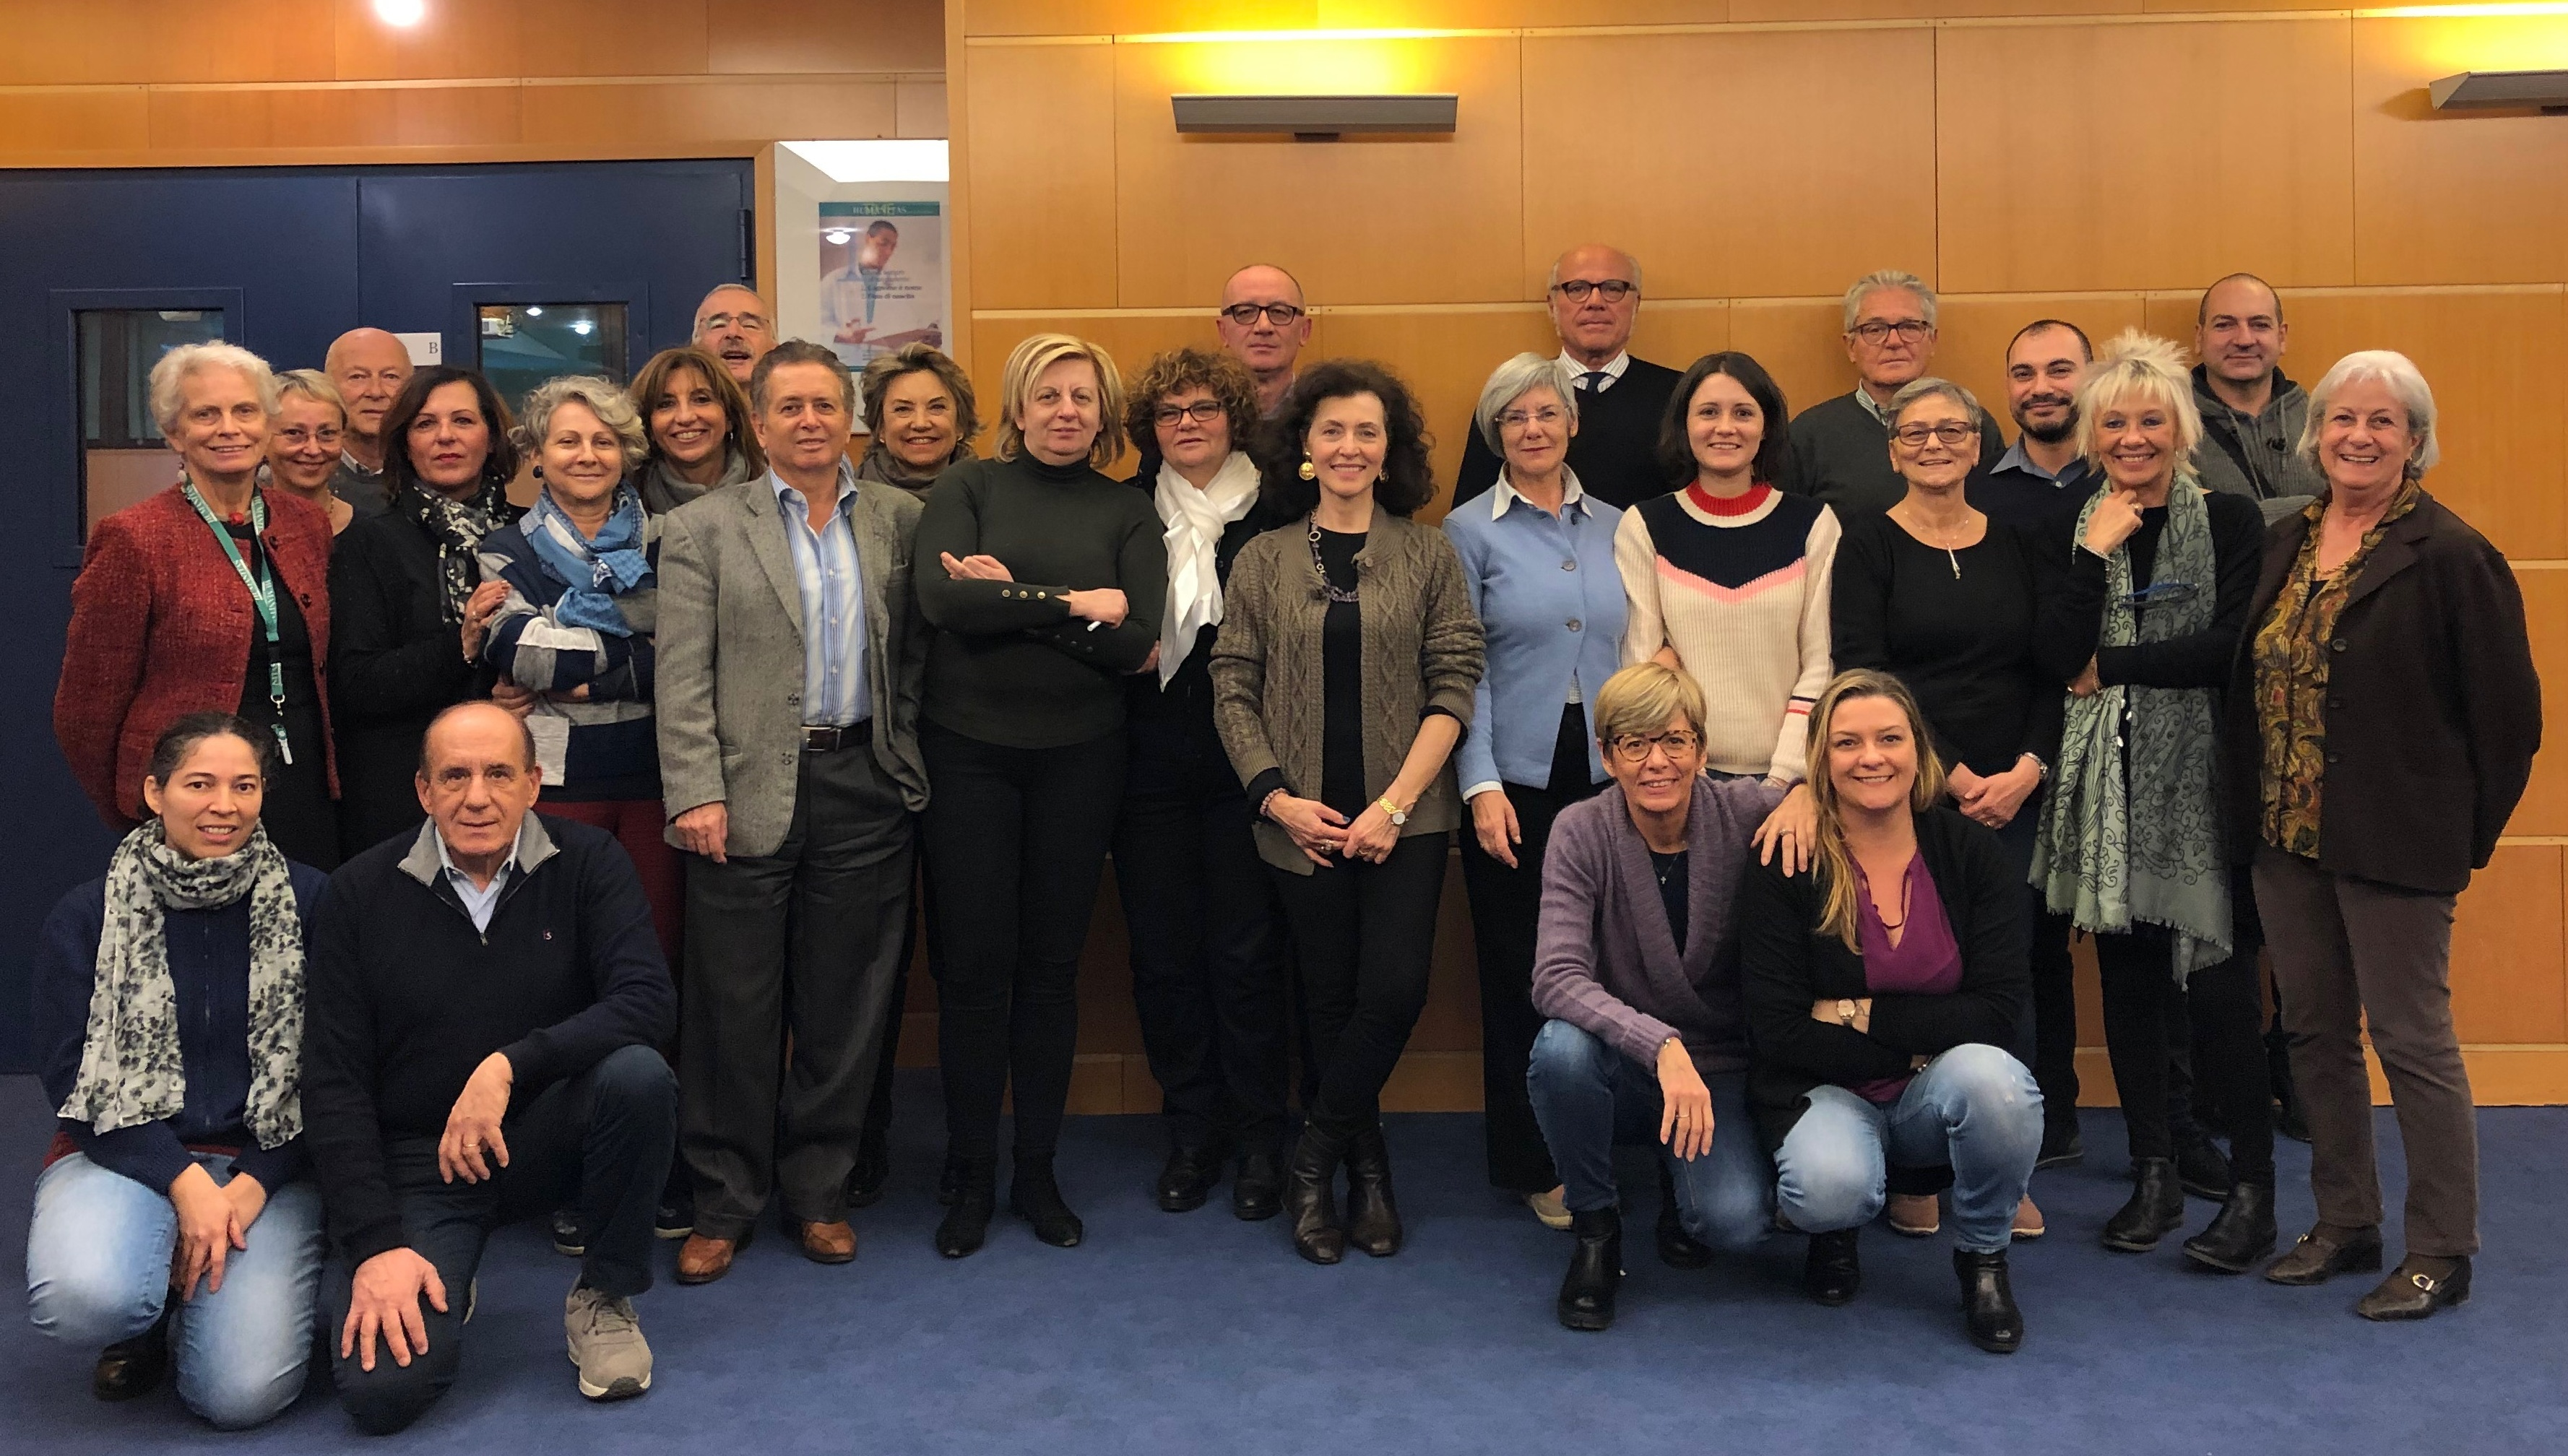 Gruppo volontari ingresso dicembre 2018